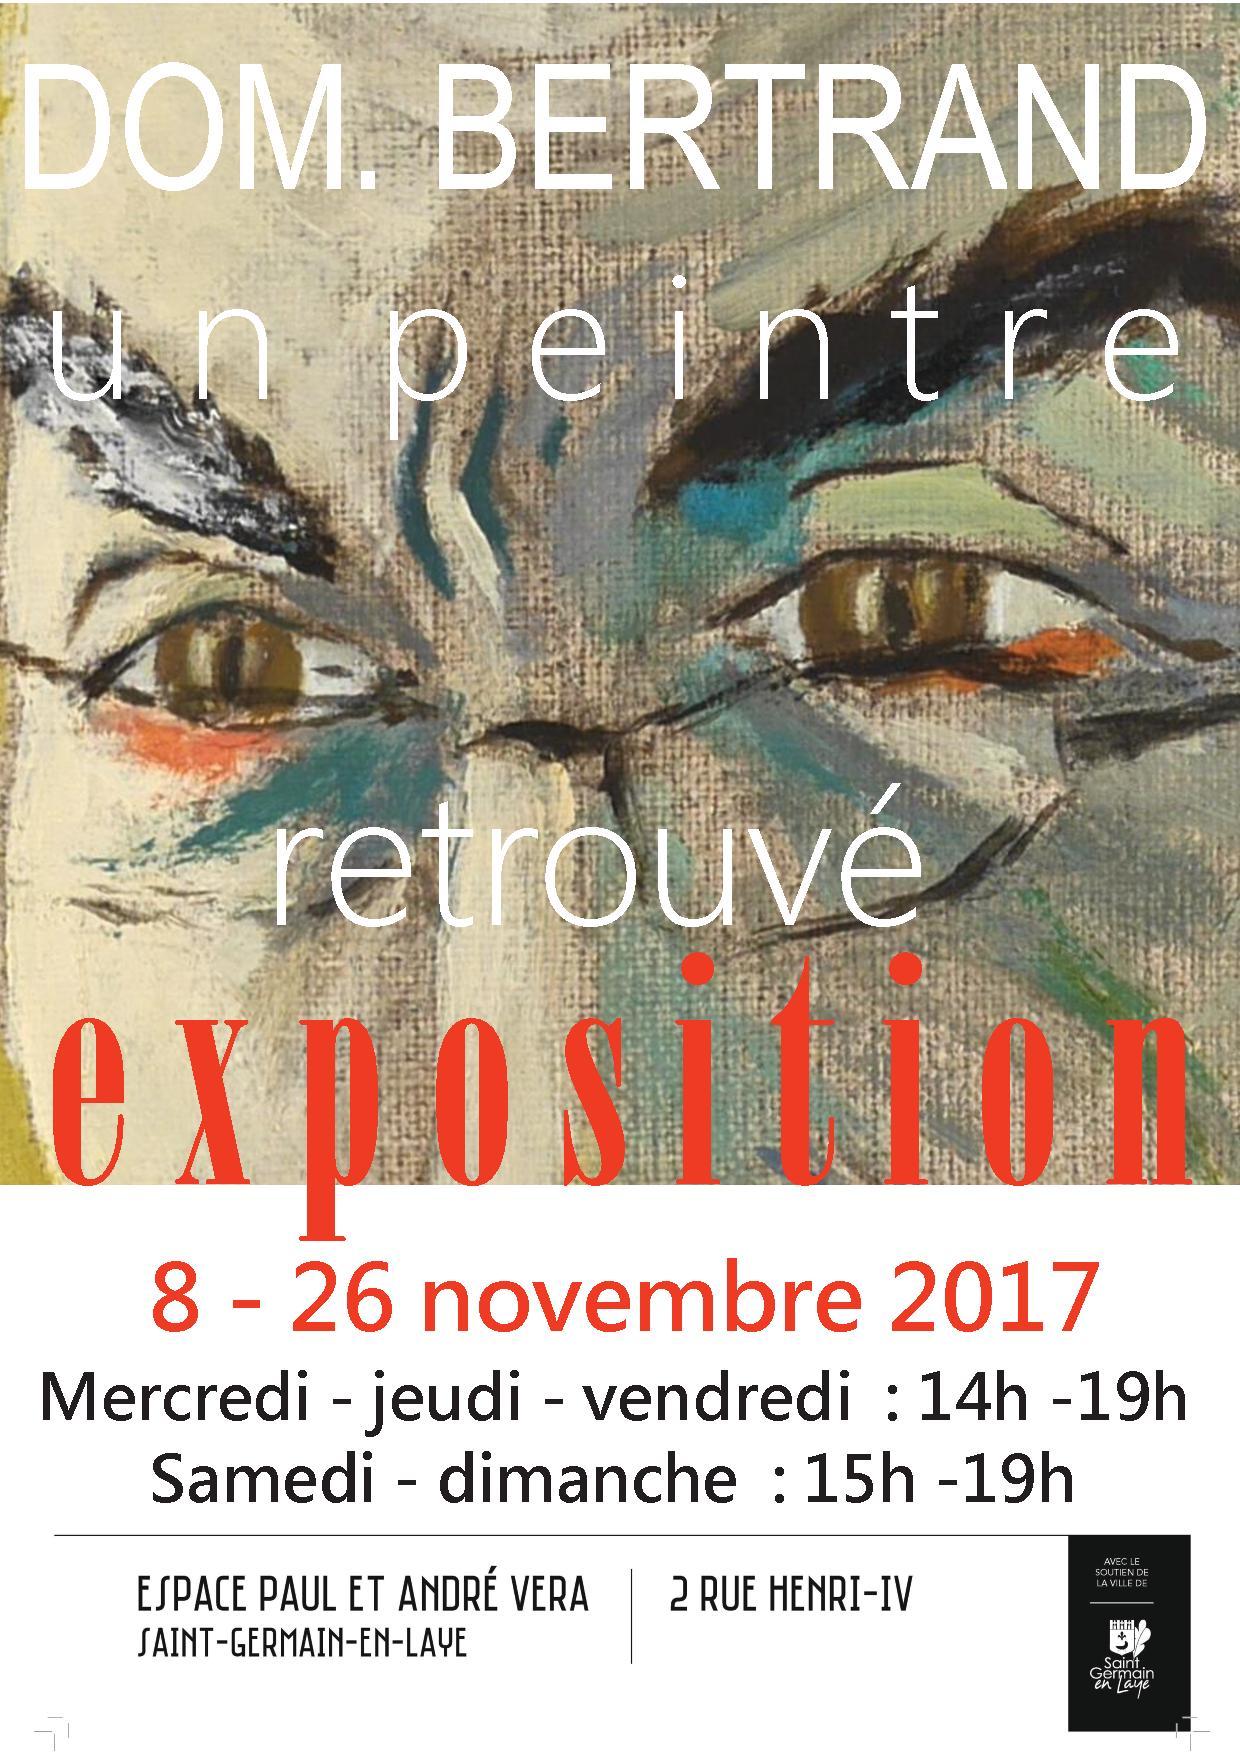 """Exposition Dominique Bertrand """"Un peintre retrouvé"""""""